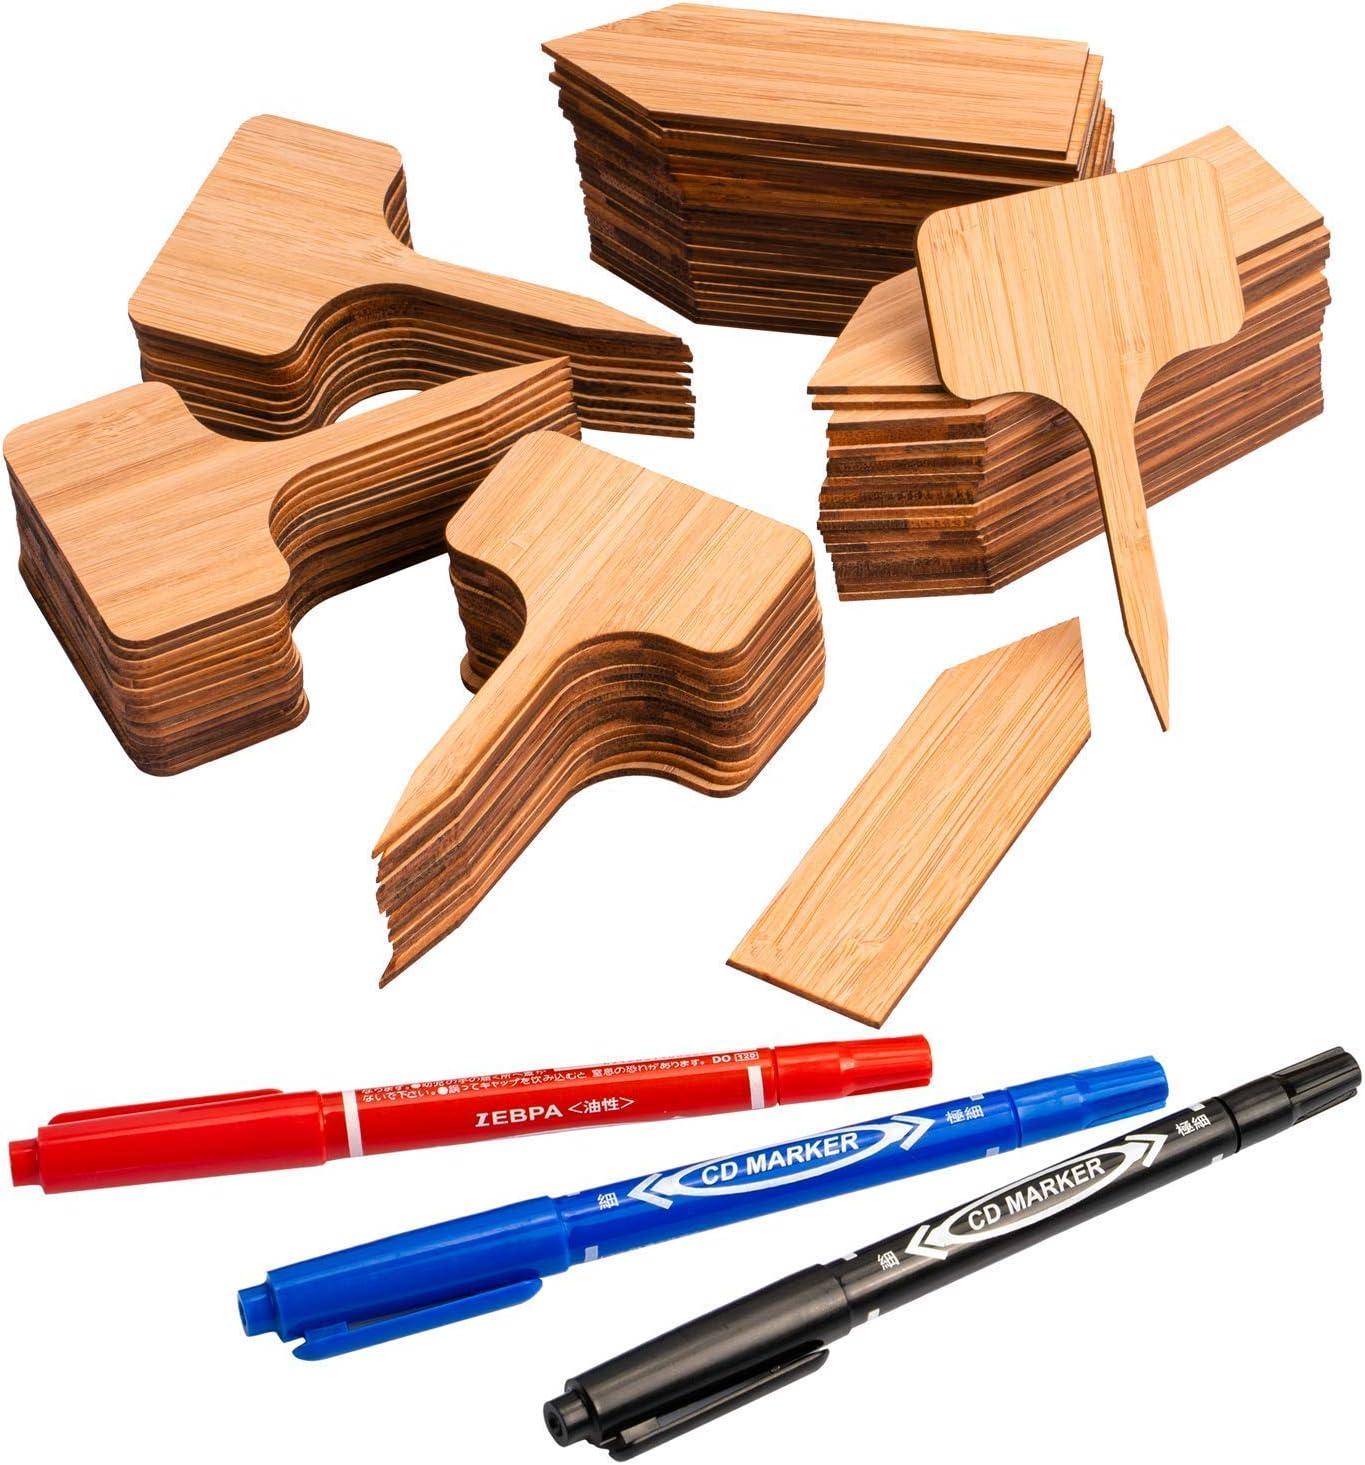 MUSCCCM 100 Piezas Etiquetas de Plantas de Bambú, Letrero de Jardín Ecológico, Marcadores de Planta T-Tipo Forma de Flecha, incluidos 3 Rotuladores